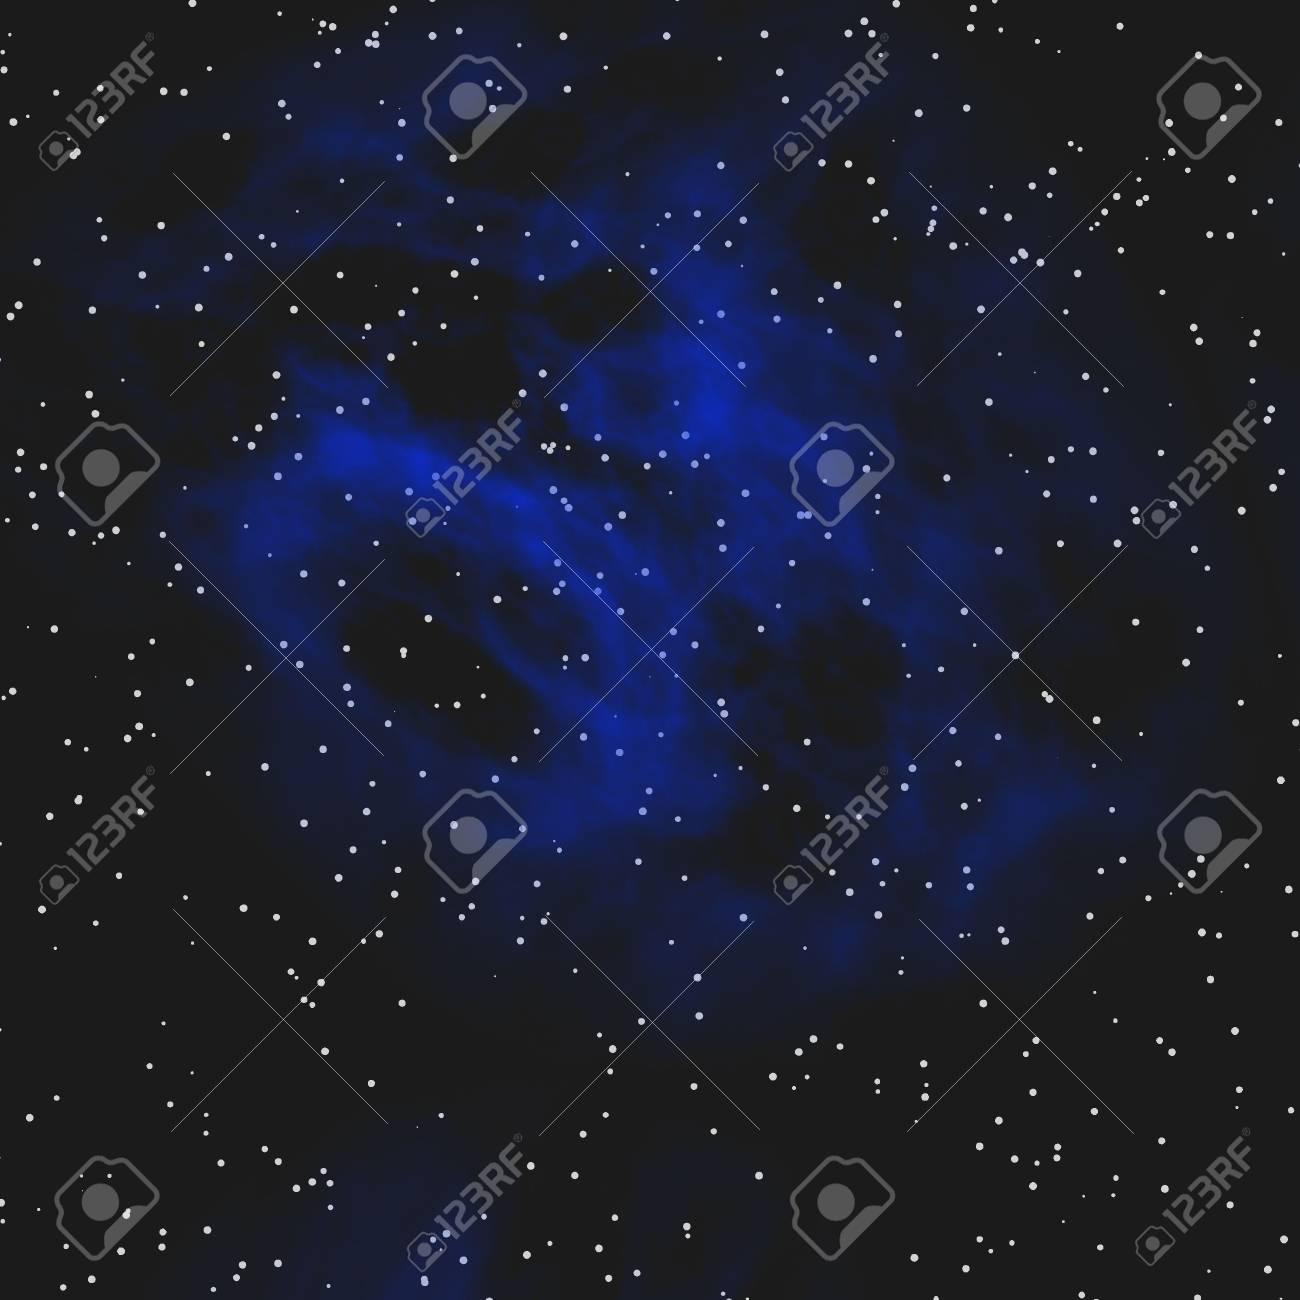 nebula sky Stock Photo - 18007037